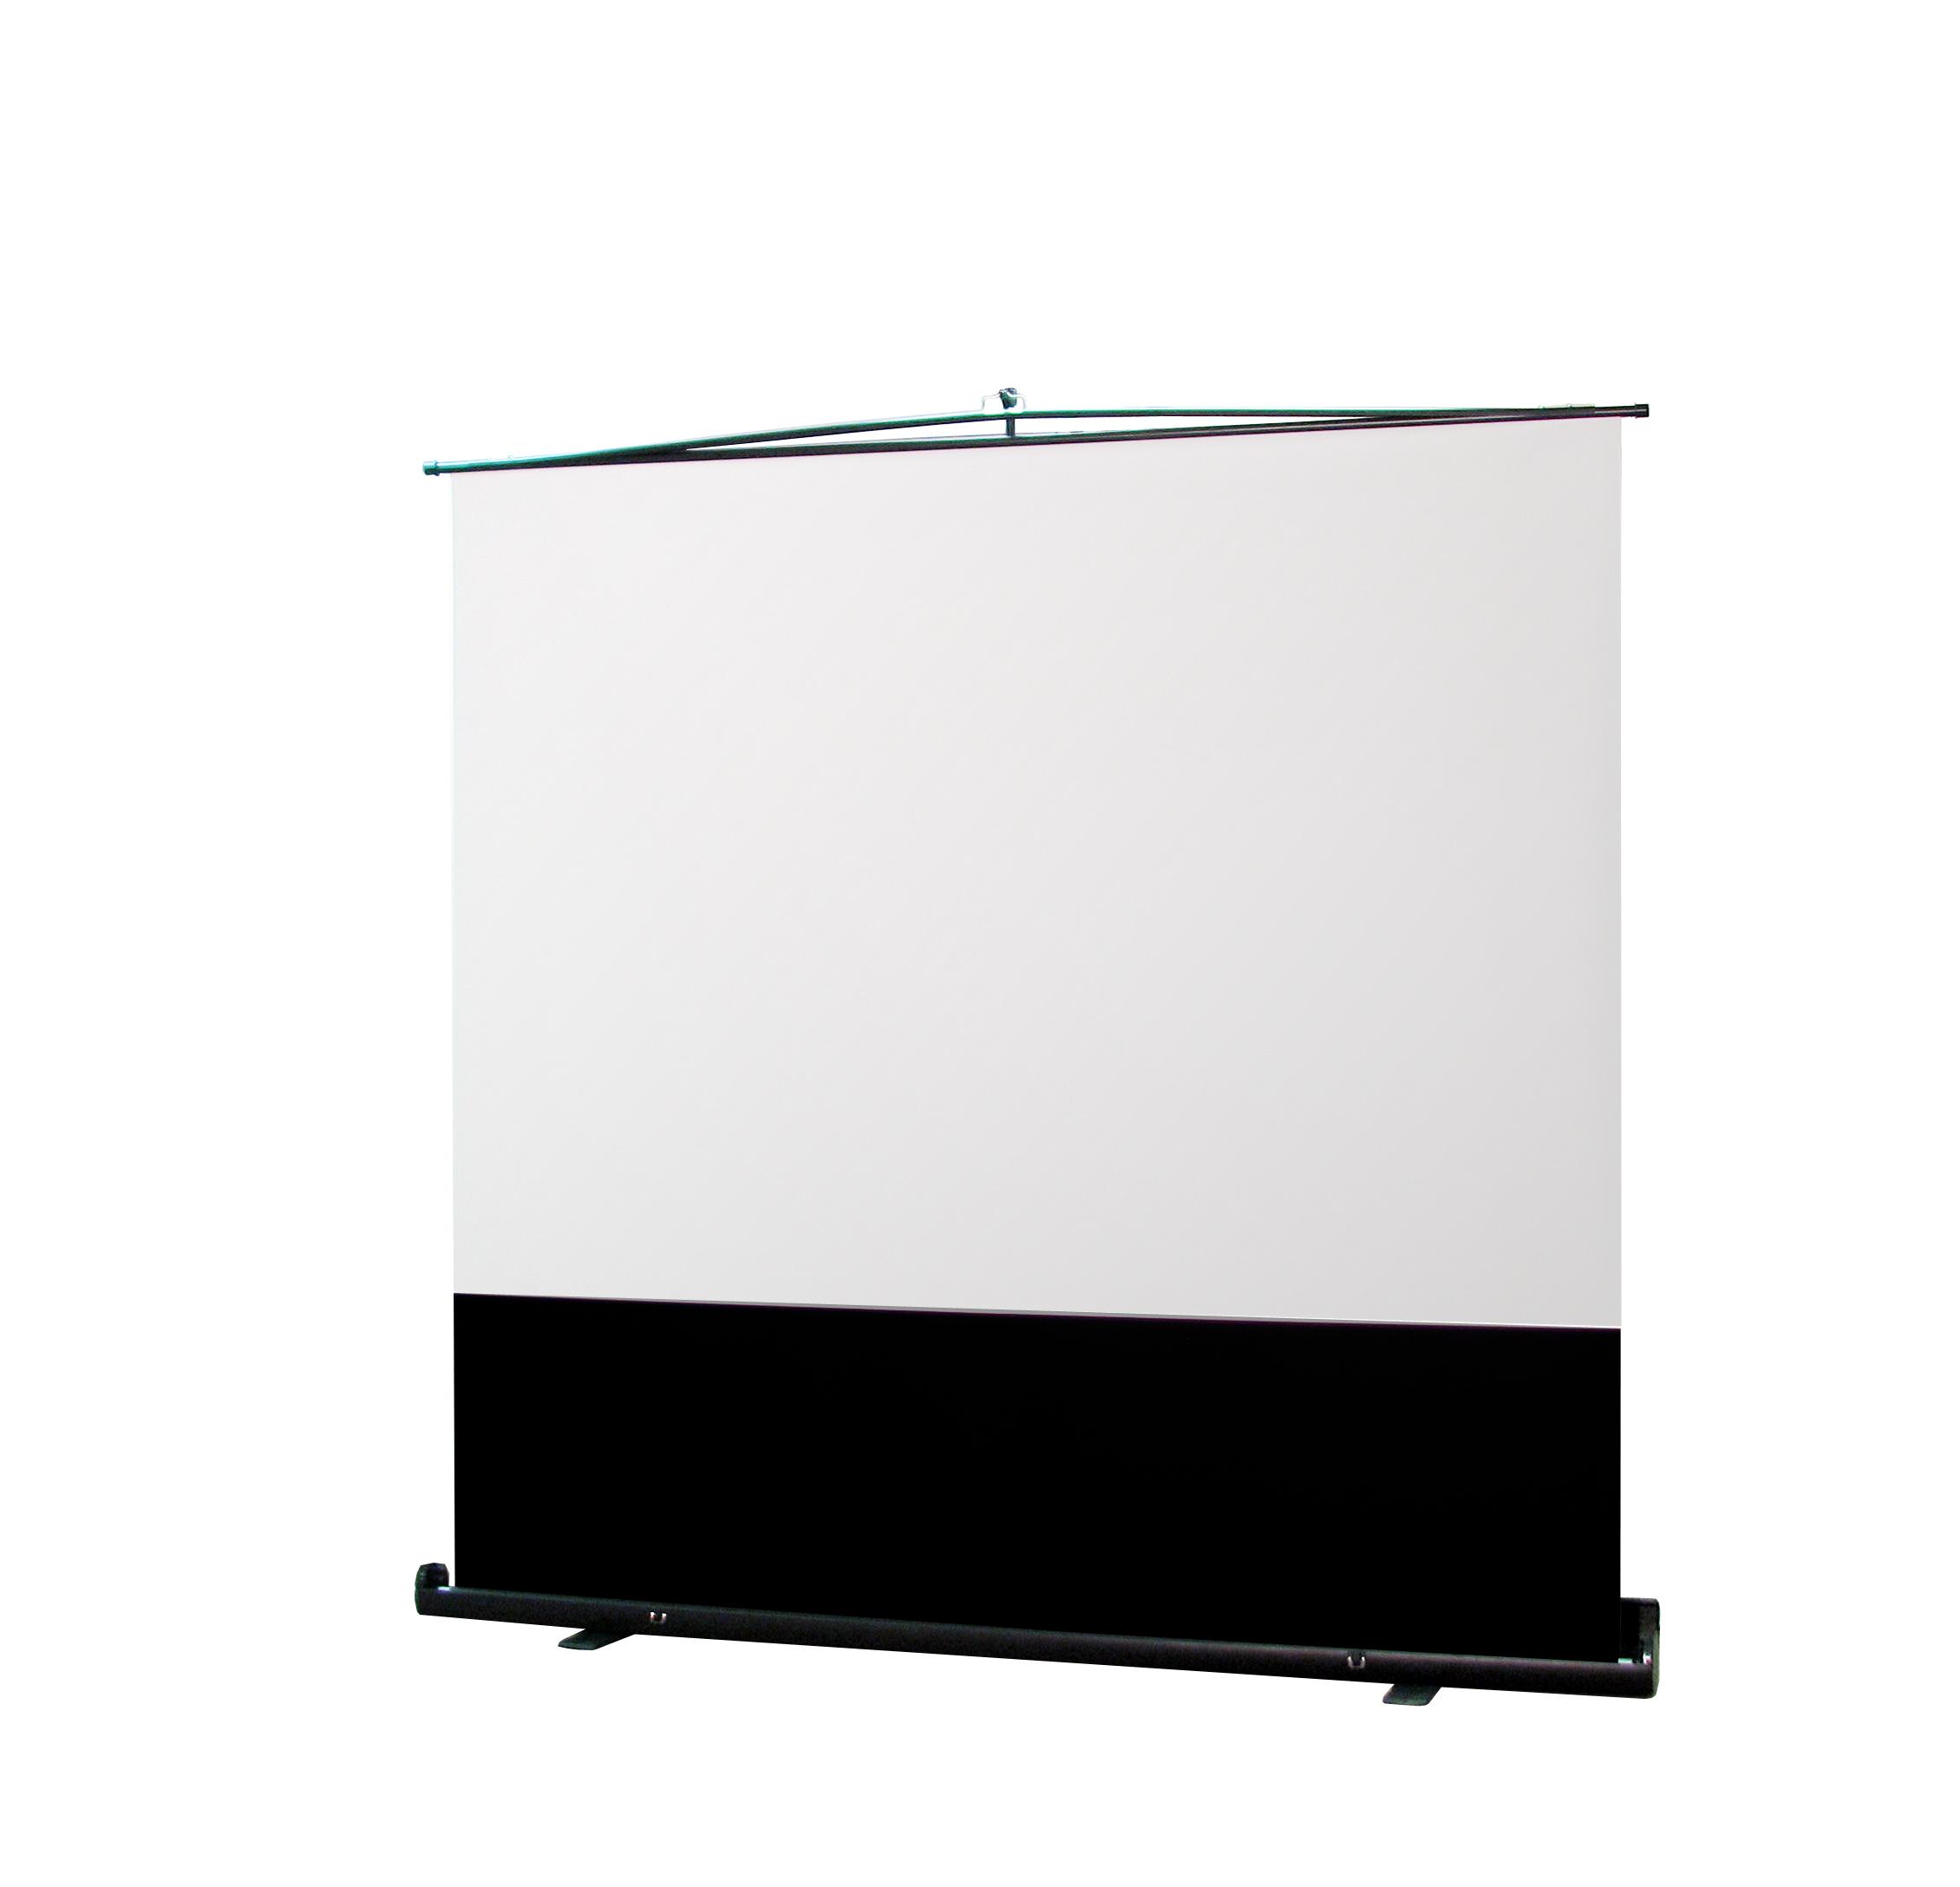 フロアスタンドスクリーン/MS にアスペクトフリー/FN 登場。スクリーンの投写面積を拡大、WXGA で106 型まで投写可能。